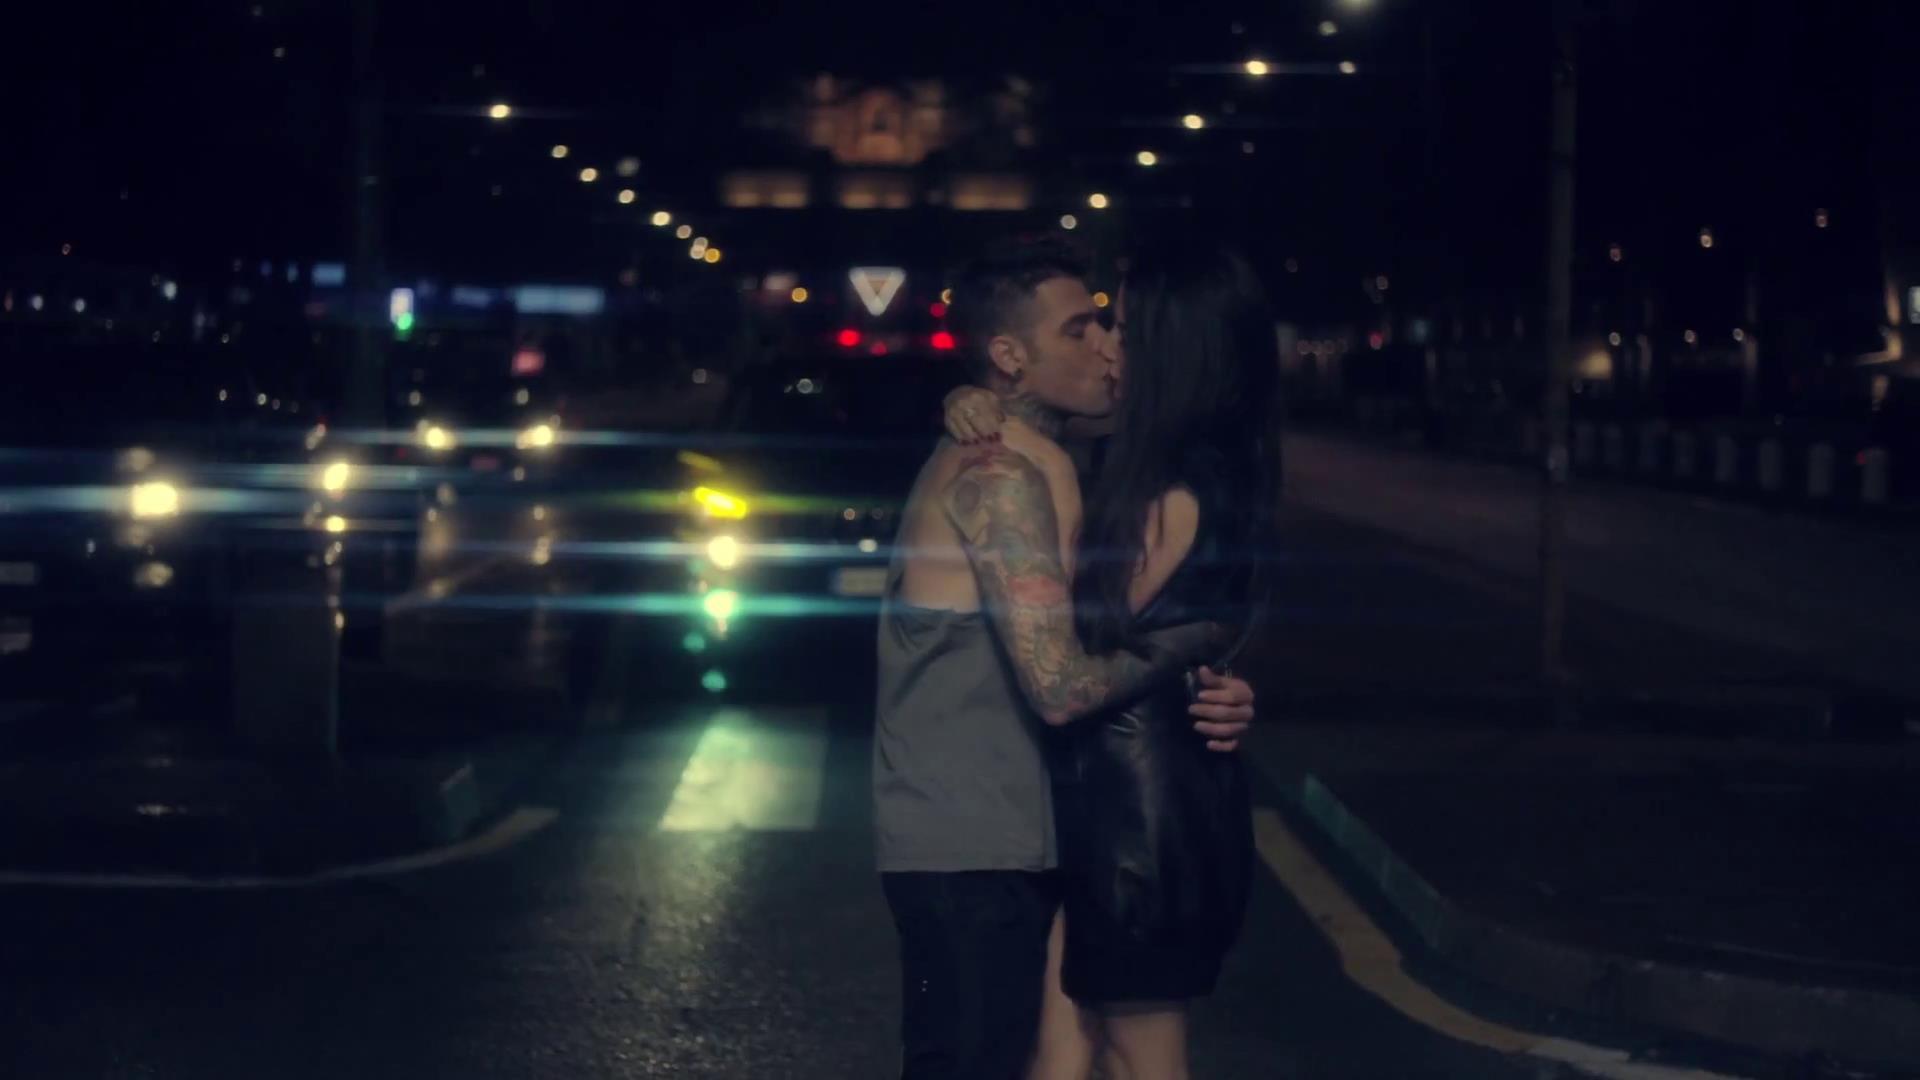 il bacio tra Fedez e Giulia Valentina nel video Magnifico